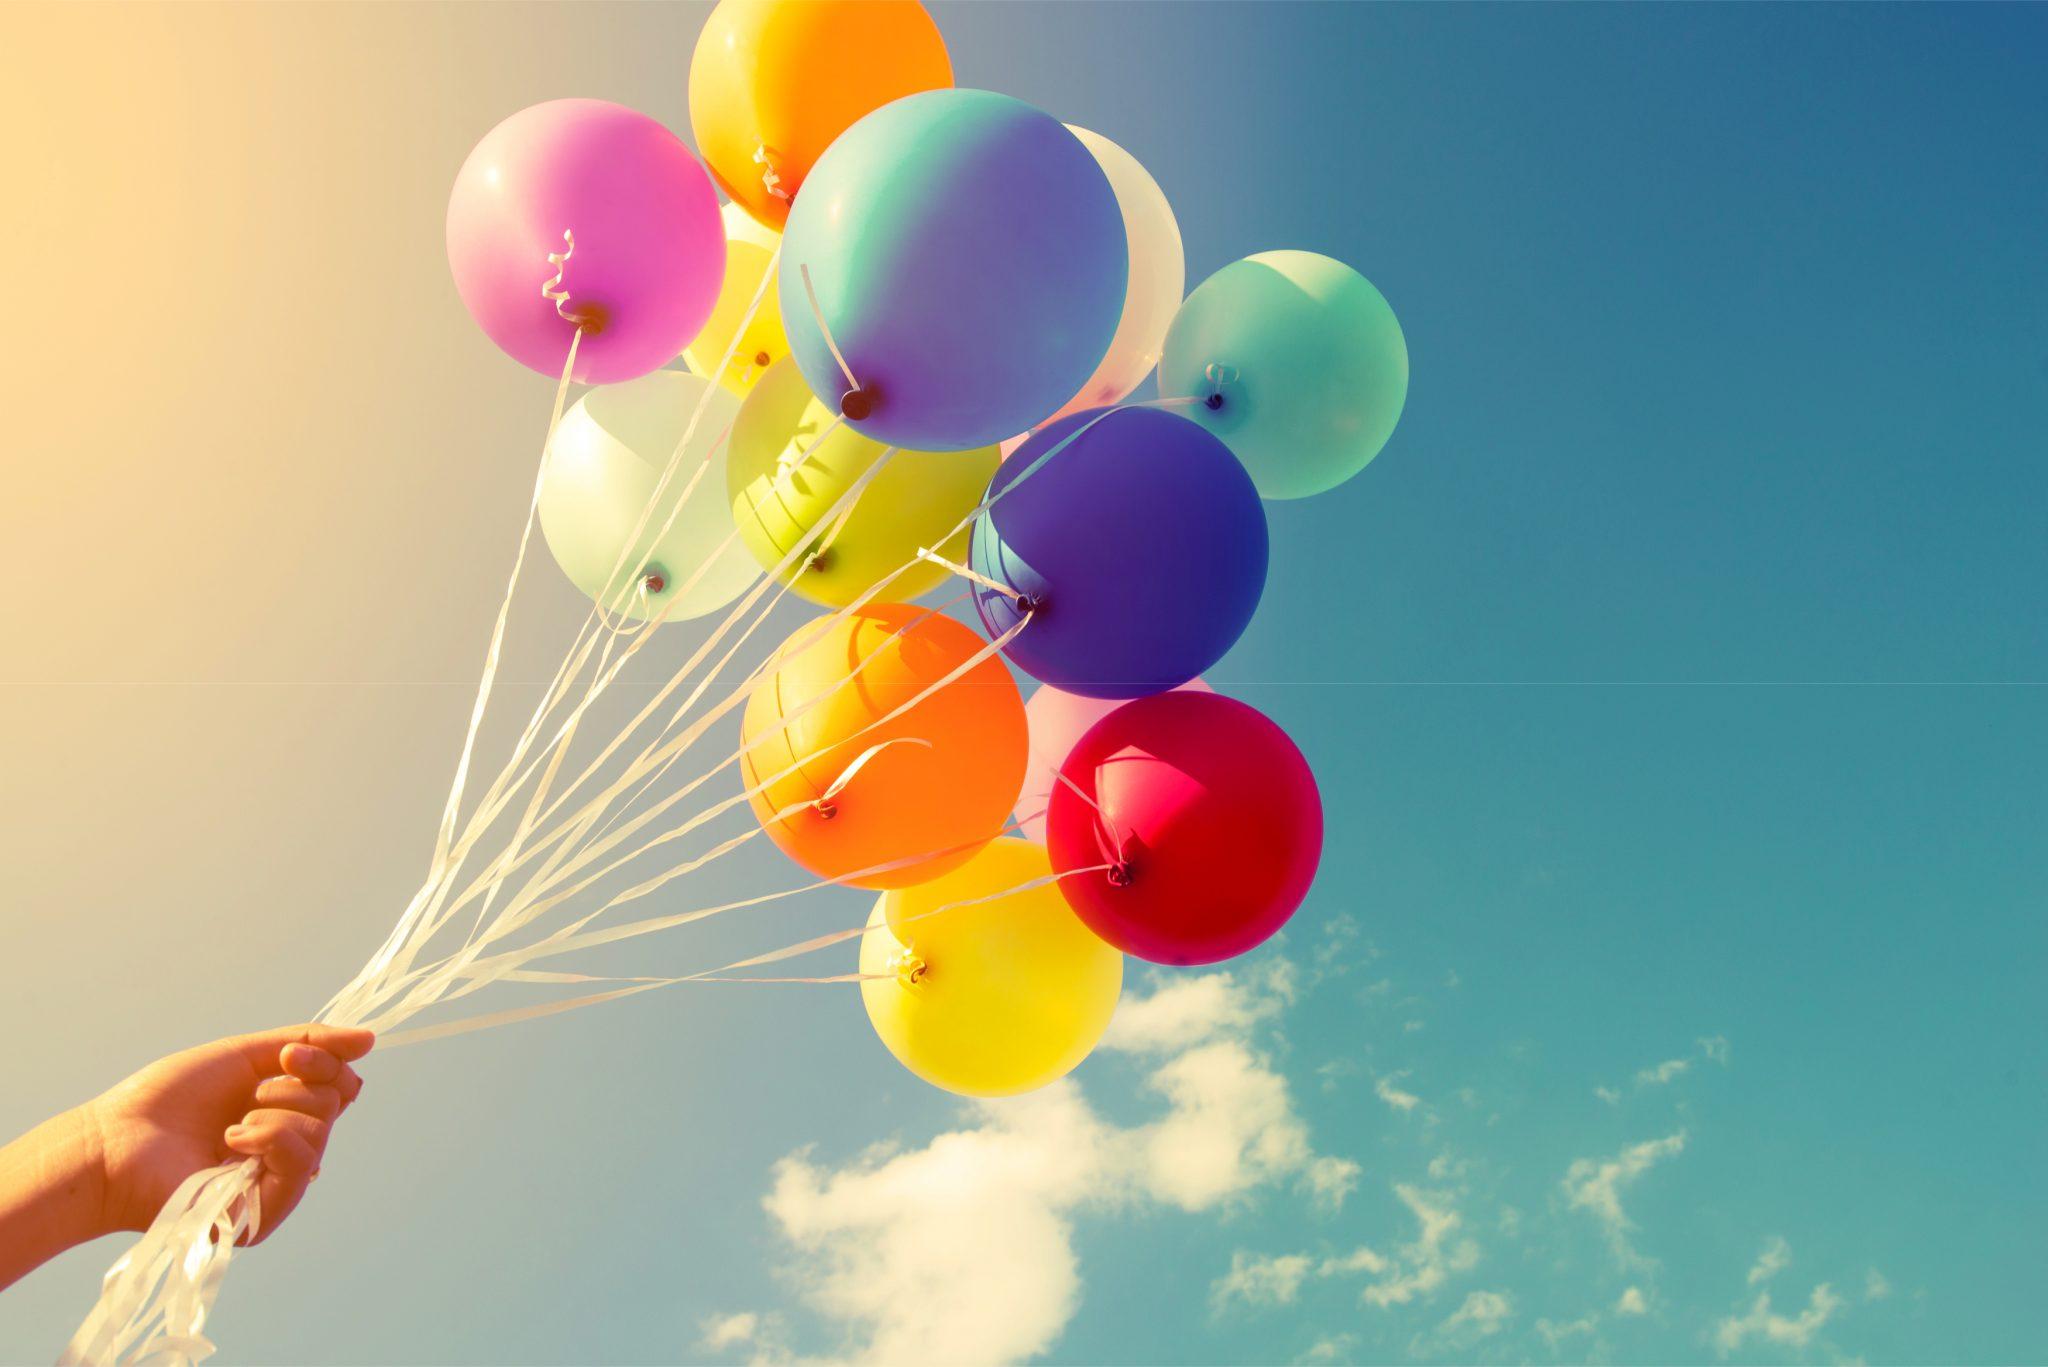 飛んでいきそうな風船